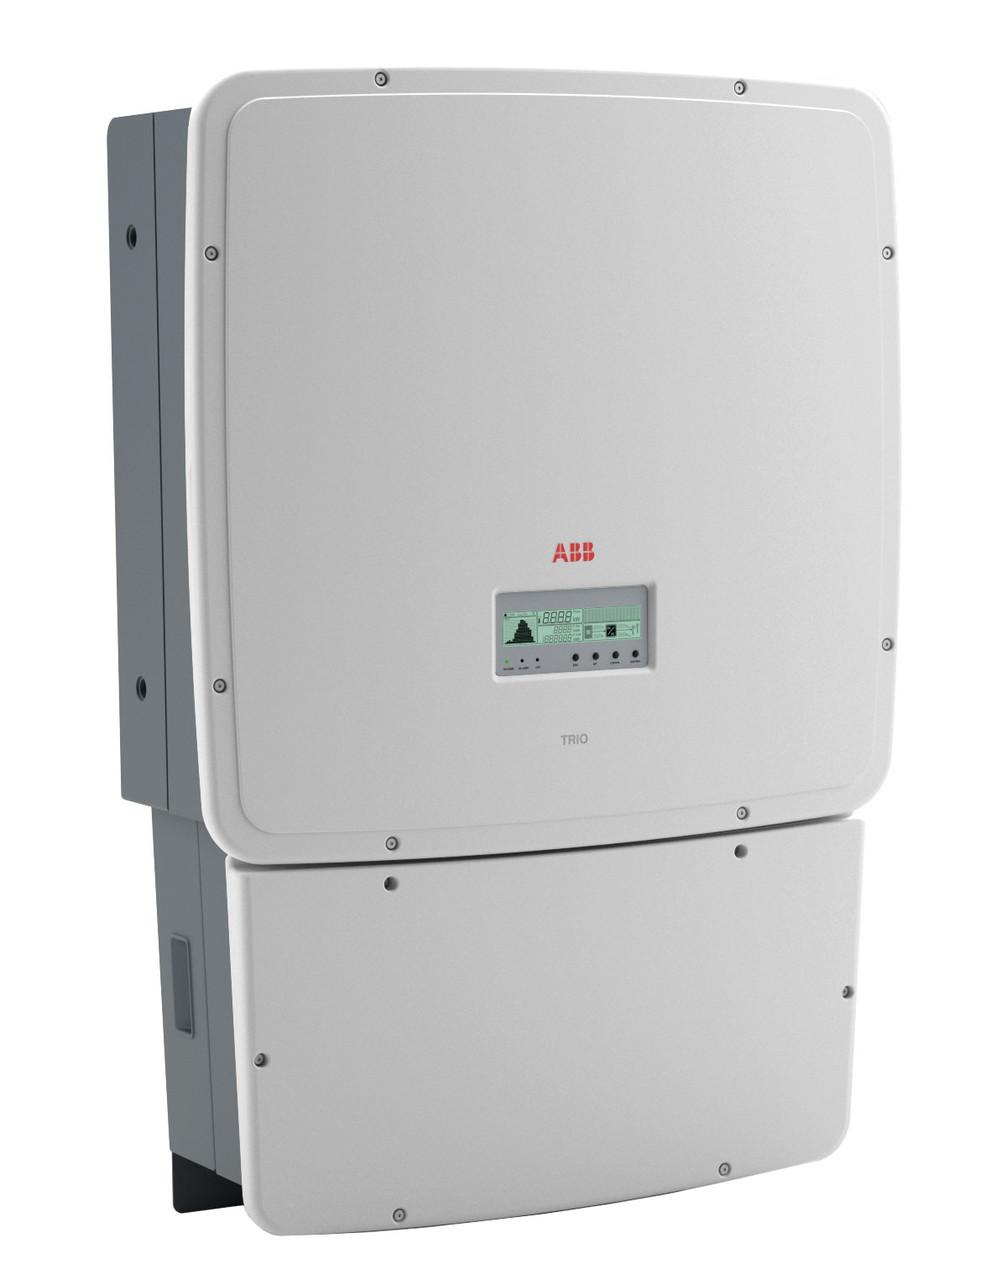 Сетевой инвертор ABB TRIO-27.6-TL-OUTD-S2X-400 (трехфазный)